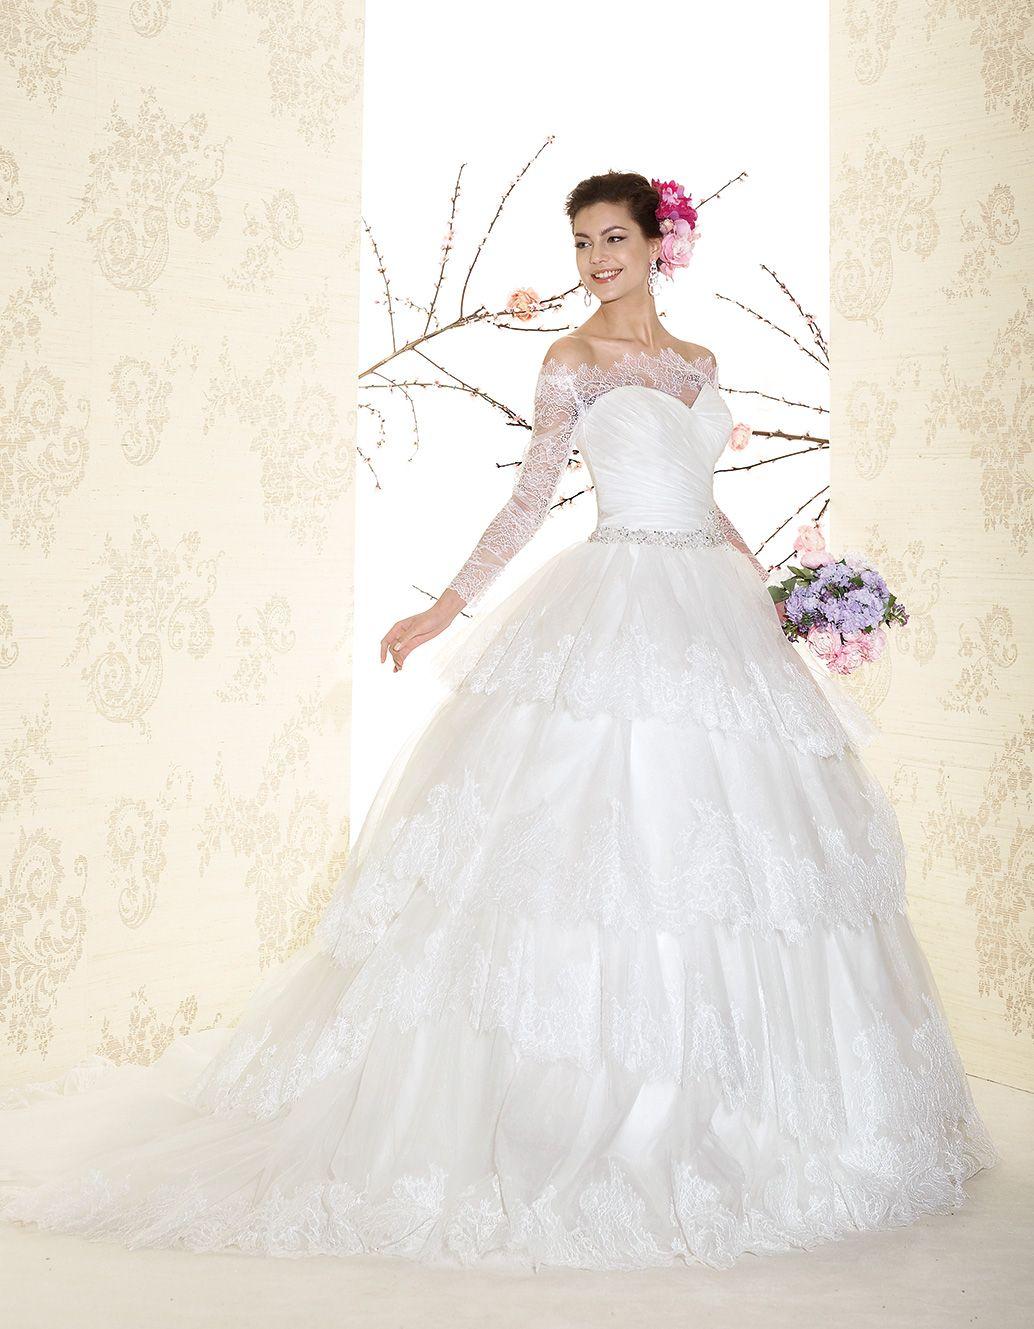 Perle 2015 > P7541 | Delsa Abiti da Sposa | Creazioni dal 1969